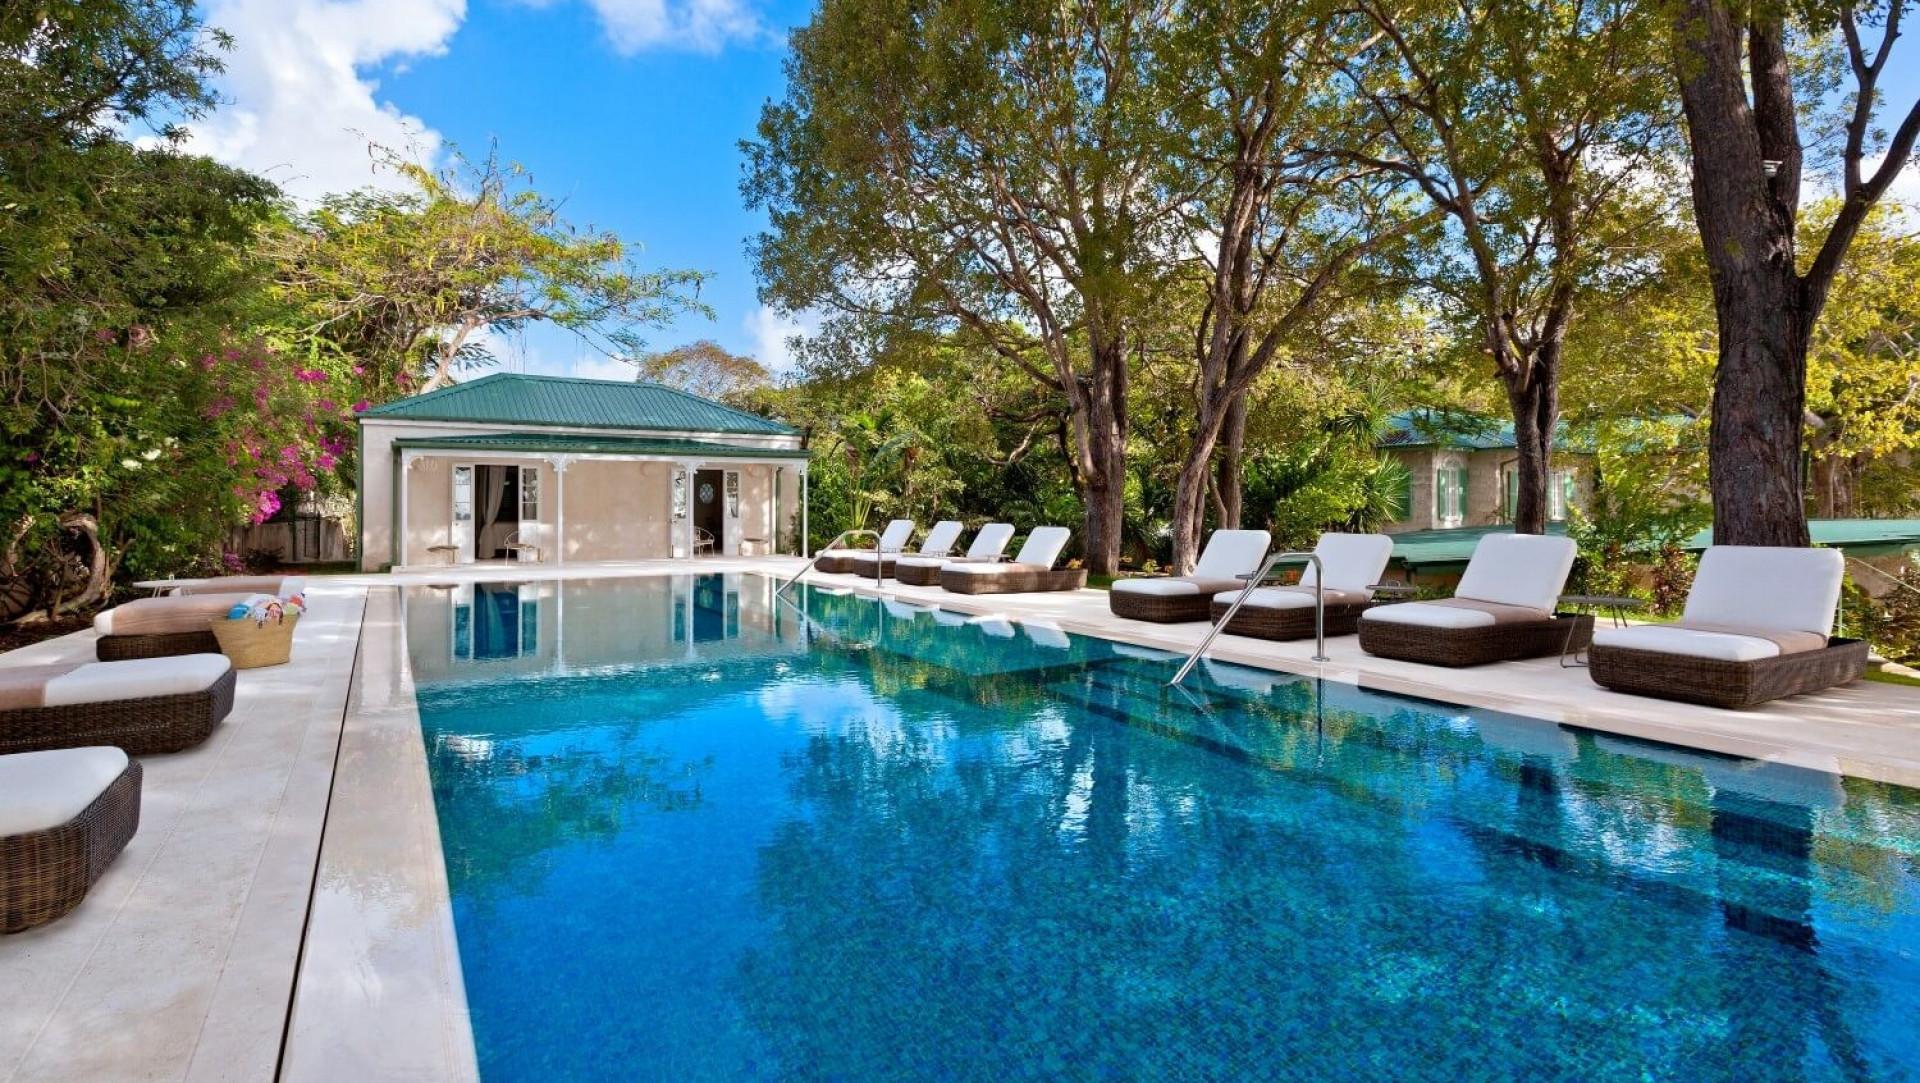 8 Bedroom Villa